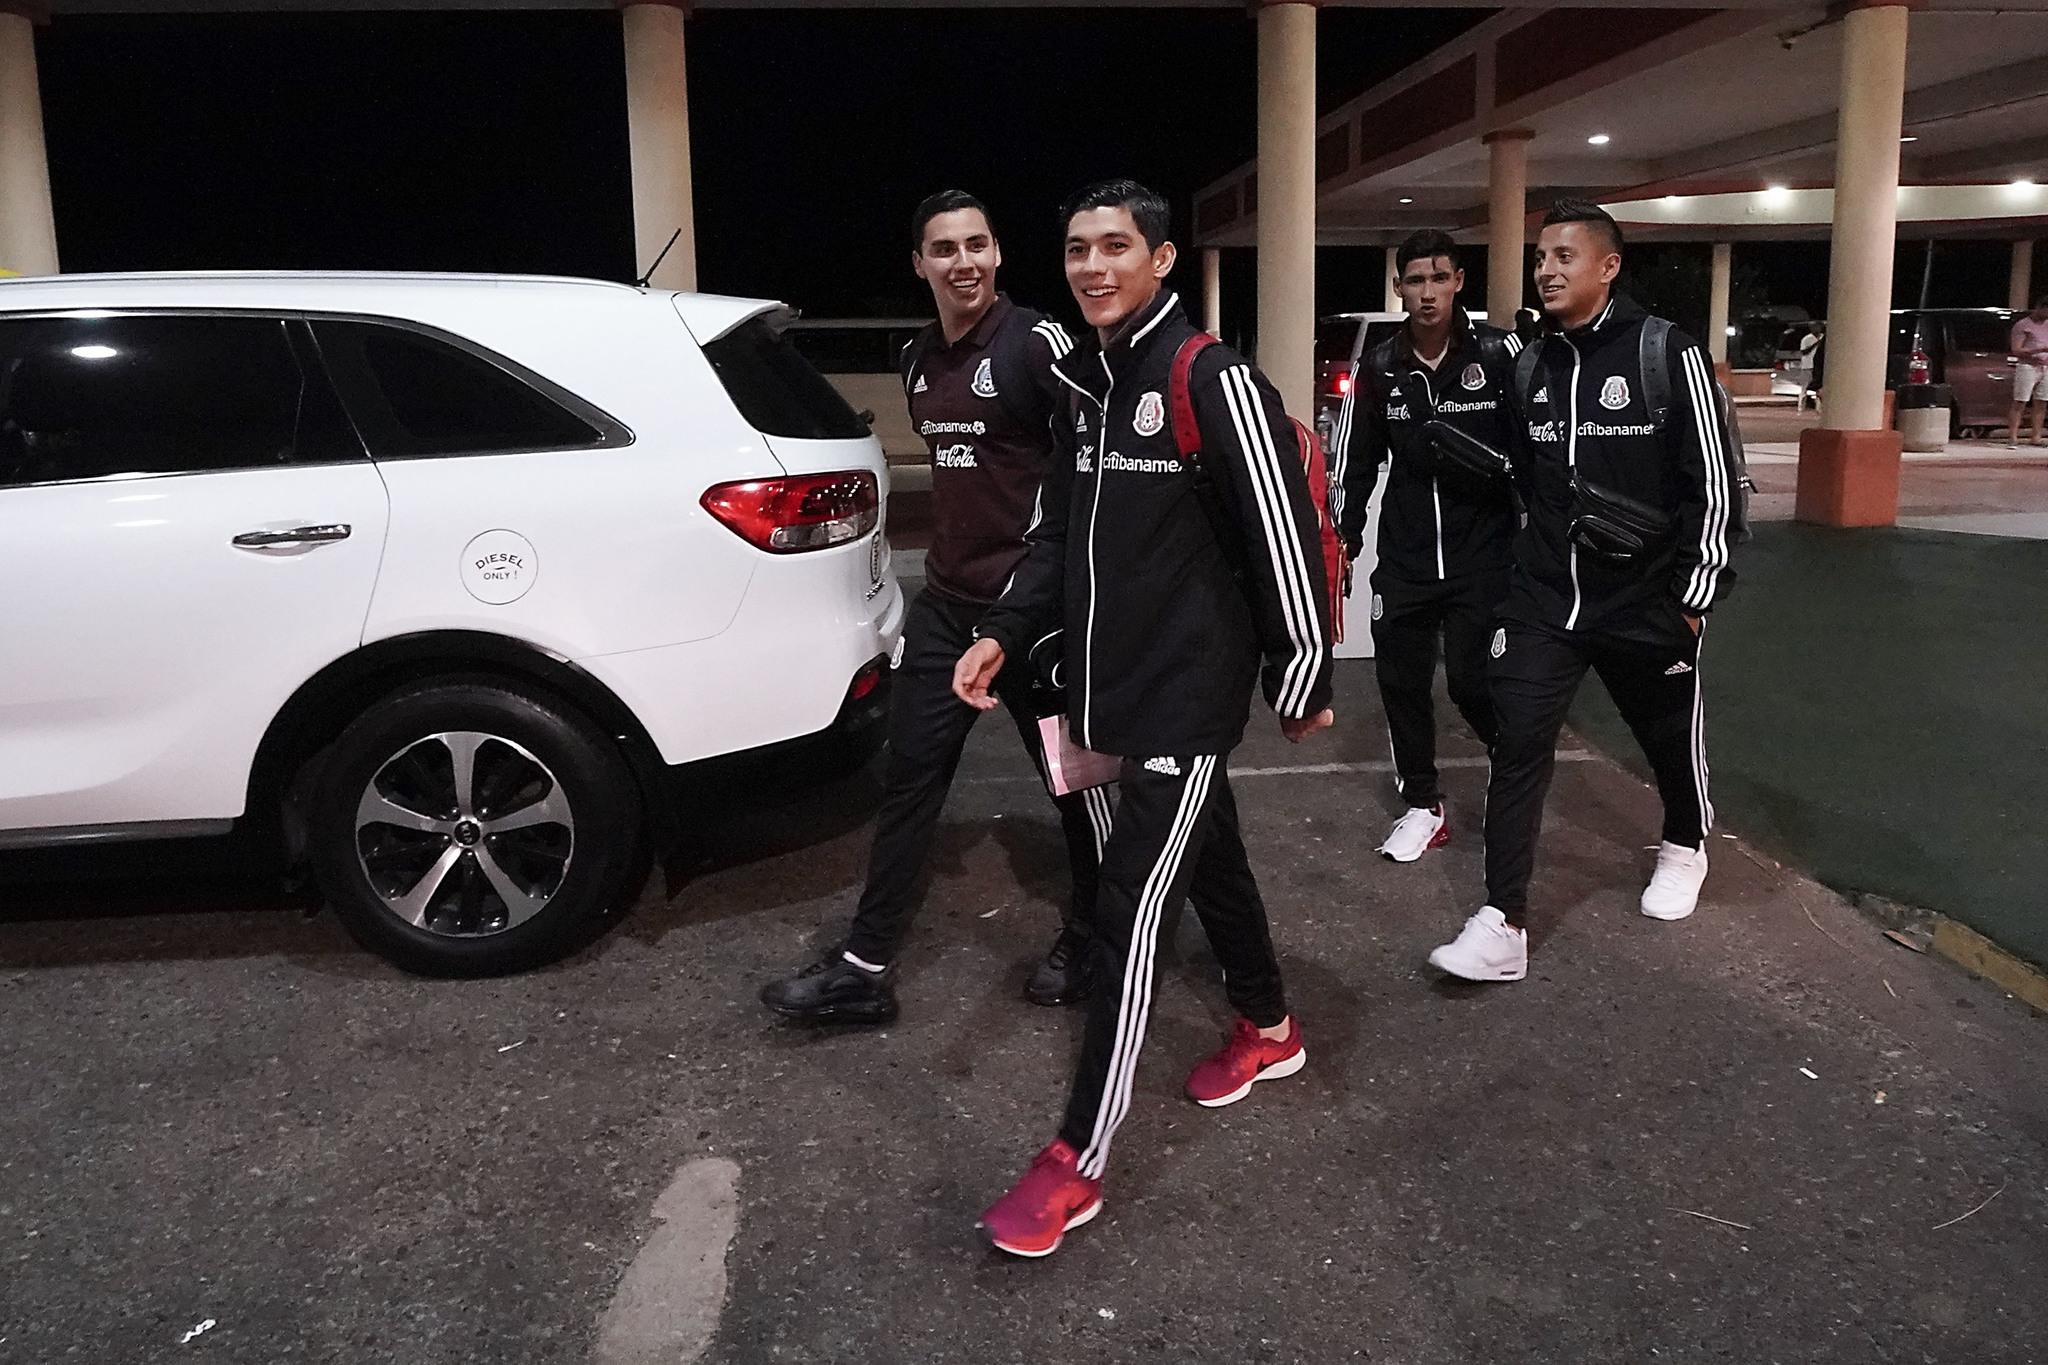 ¿Qué dijo Héctor Herrera tras las críticas por ignorar a dos aficionados?